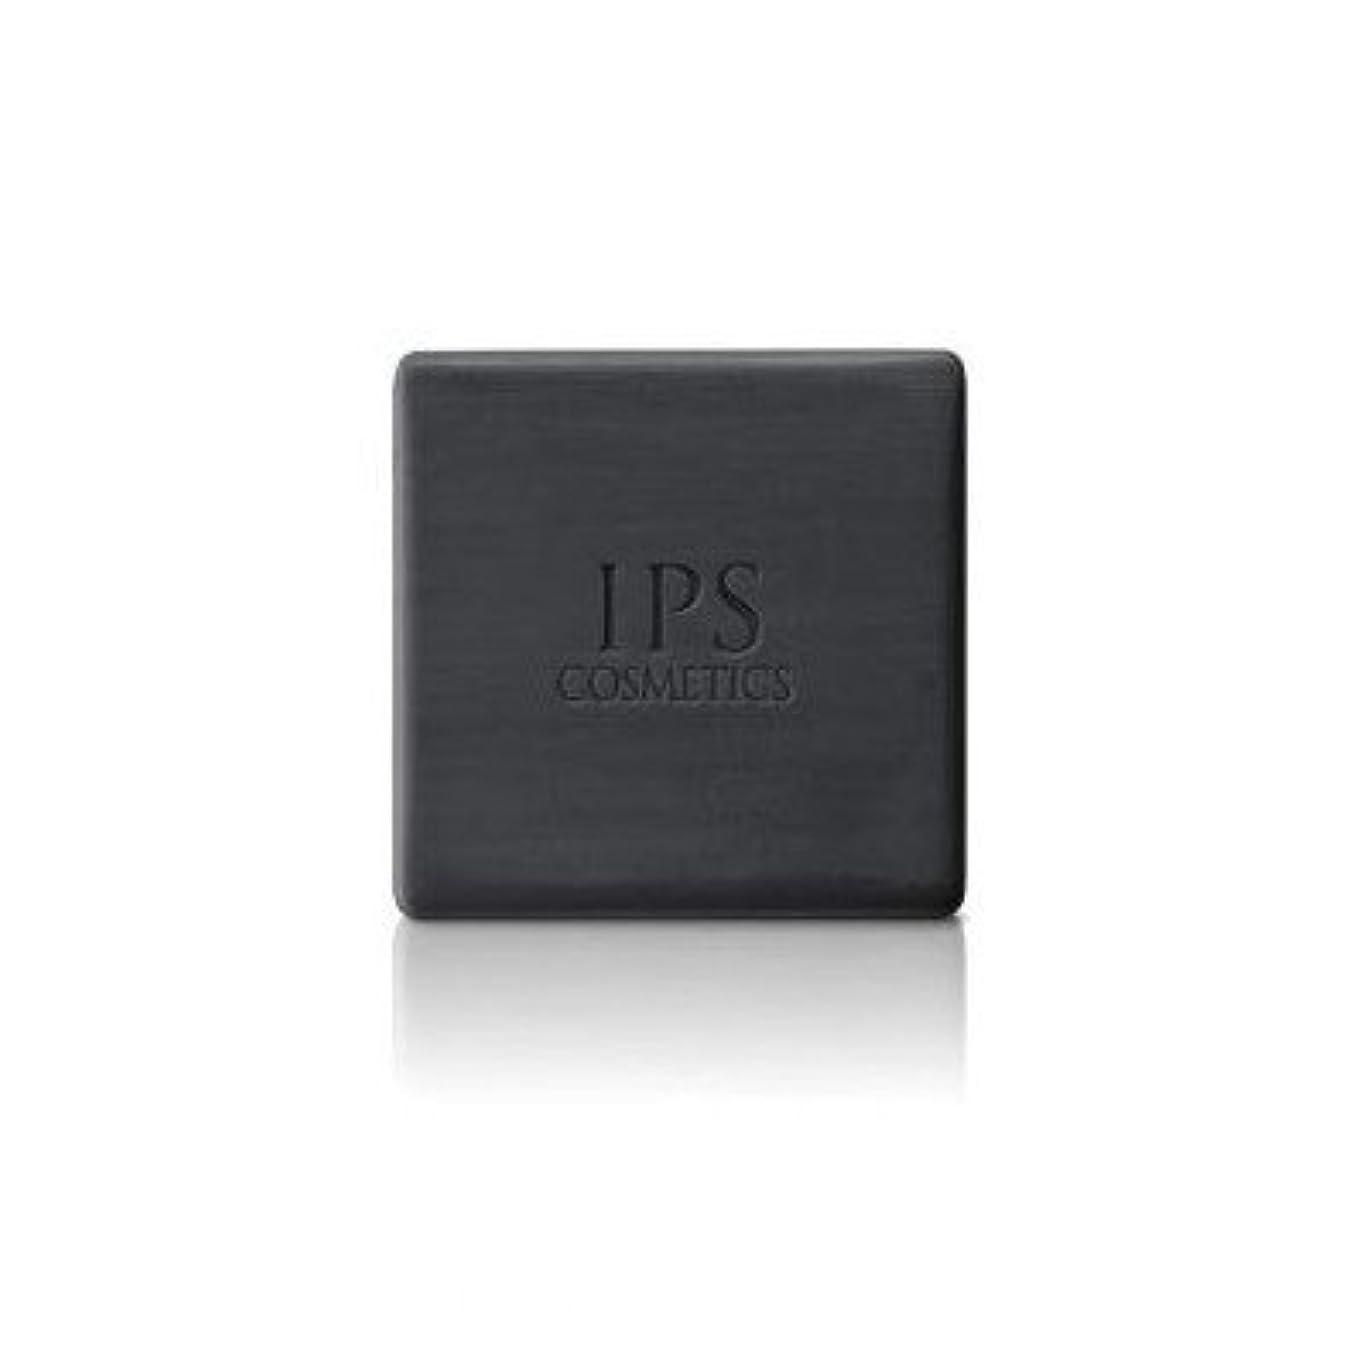 マットレス地球撤退お得な3個セット IPS コンディショニングバー 洗顔石鹸 120g